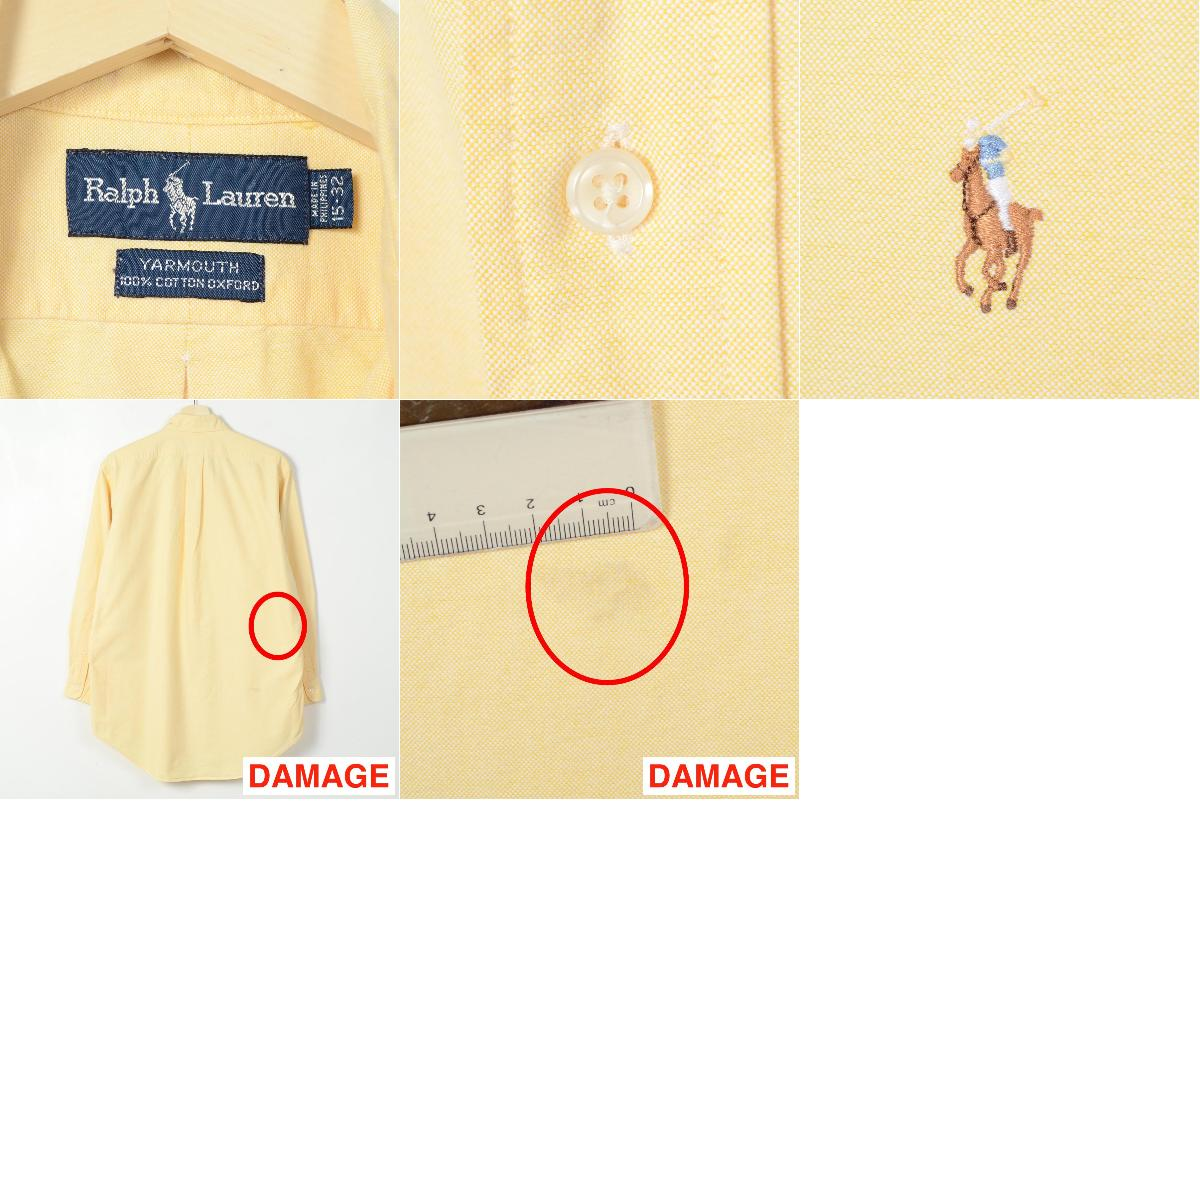 拉尔夫劳伦短袖子的正装衬衫 15 32 人 L 拉尔夫劳伦 /wei1496 150912